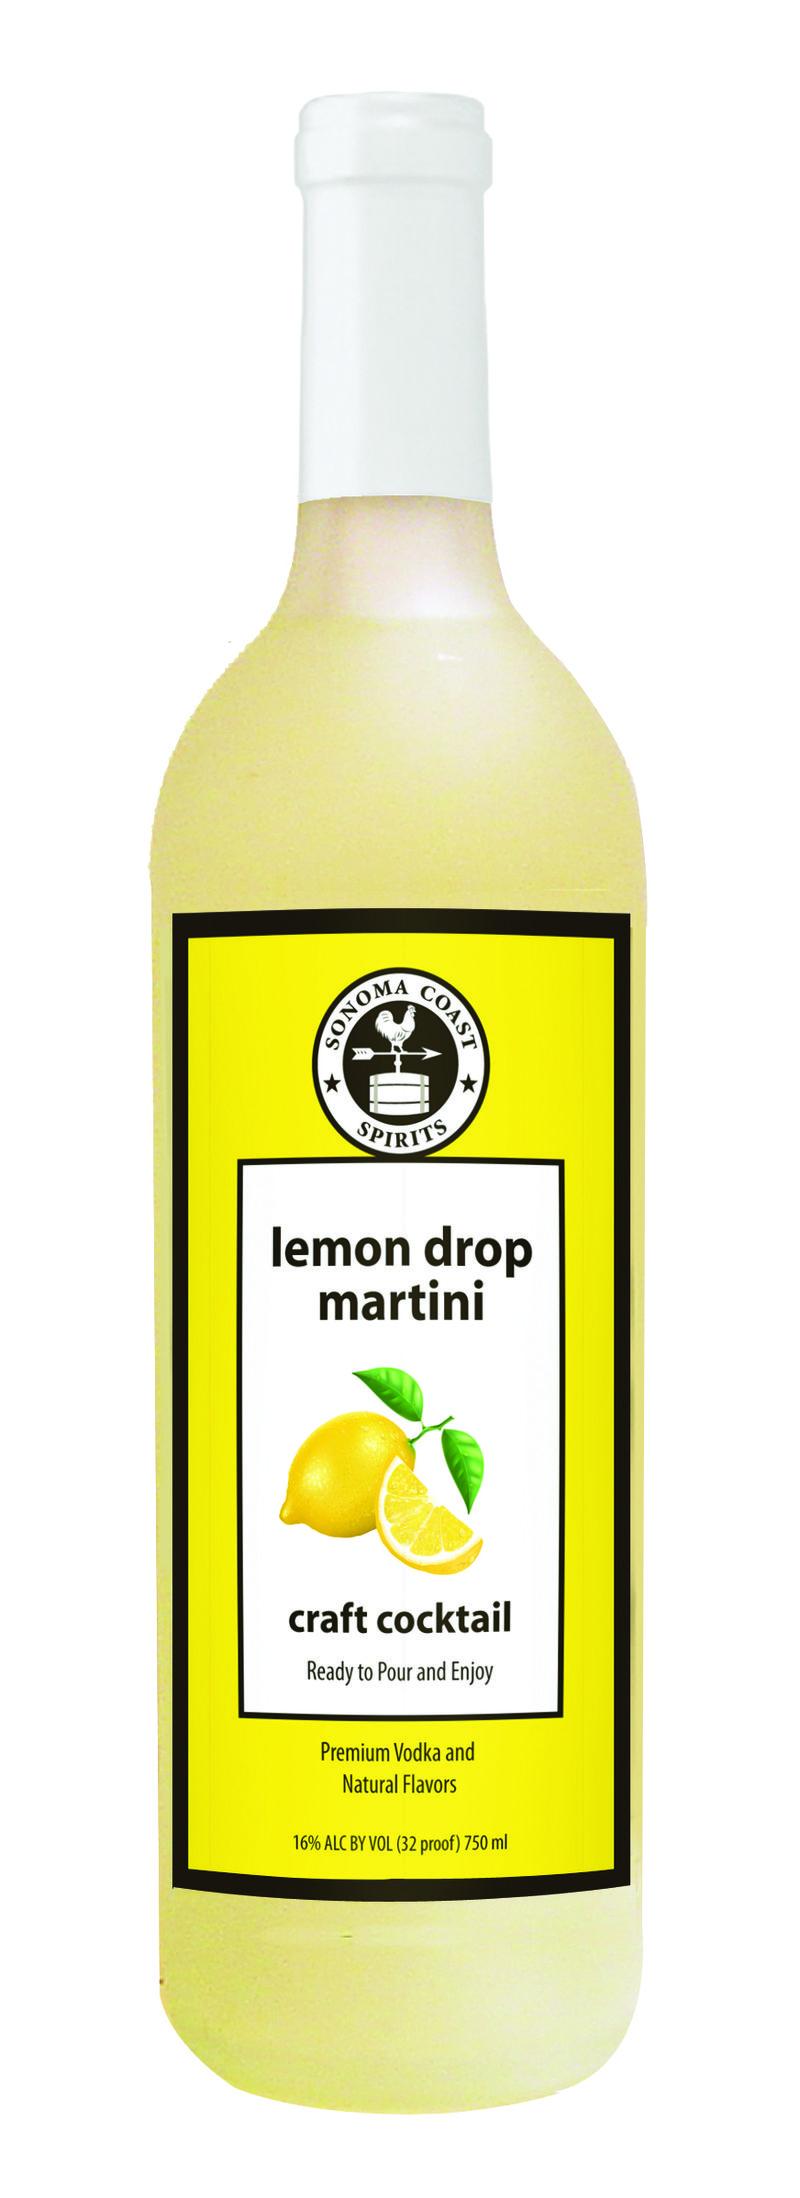 Lemondropbottleshot